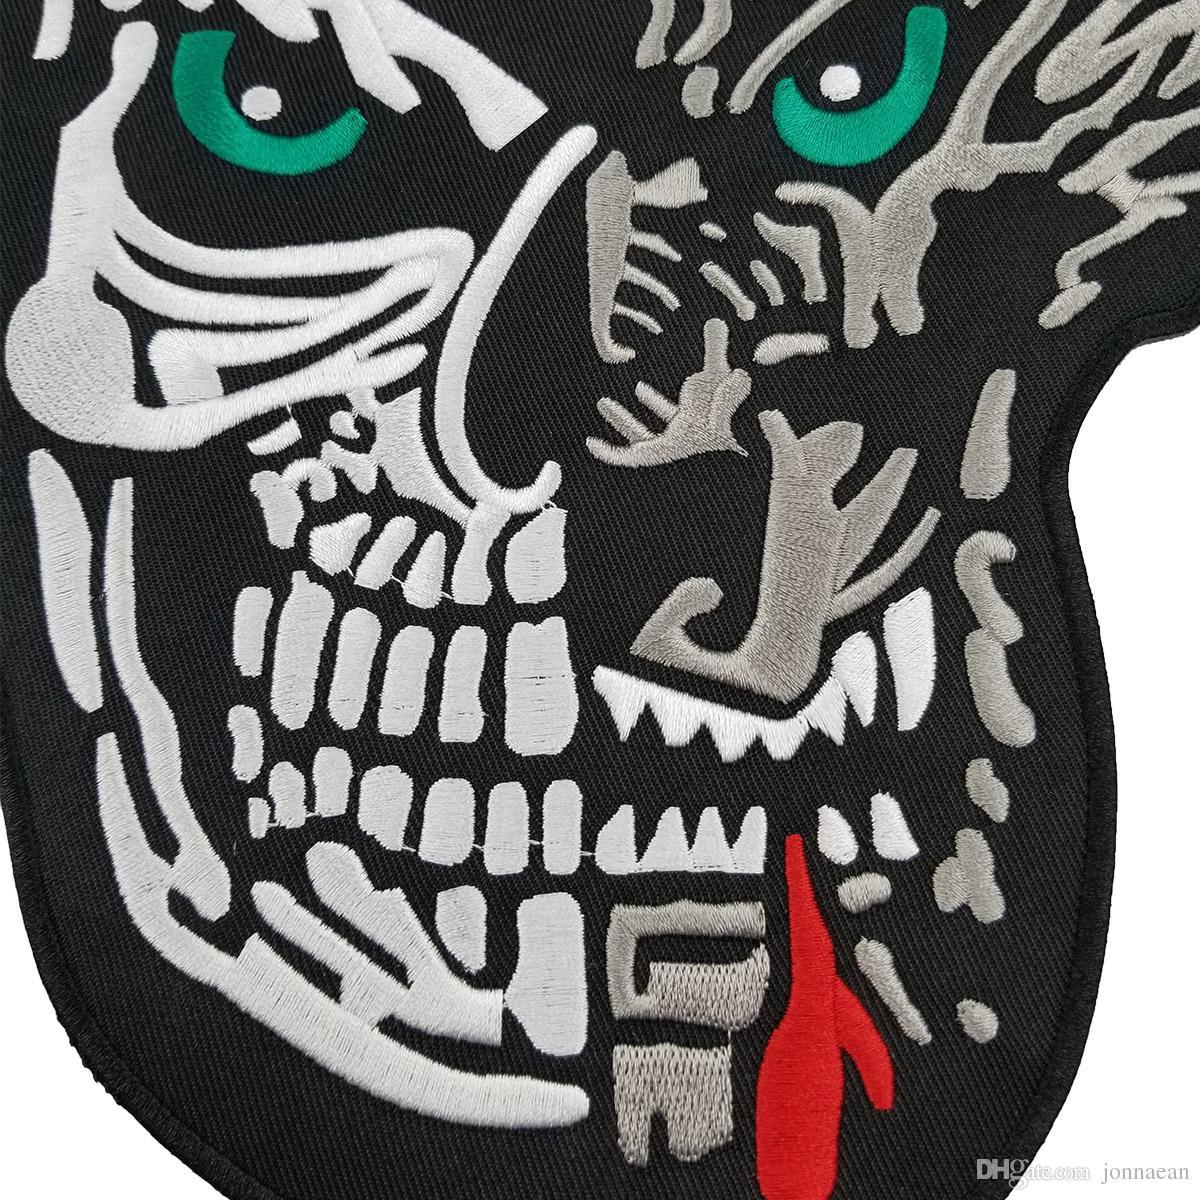 Full SET LONERS NOMADS MC 1% Embroidered Biker Patch Motorcyle Biker Vest Jacket Large Back Patch / Set